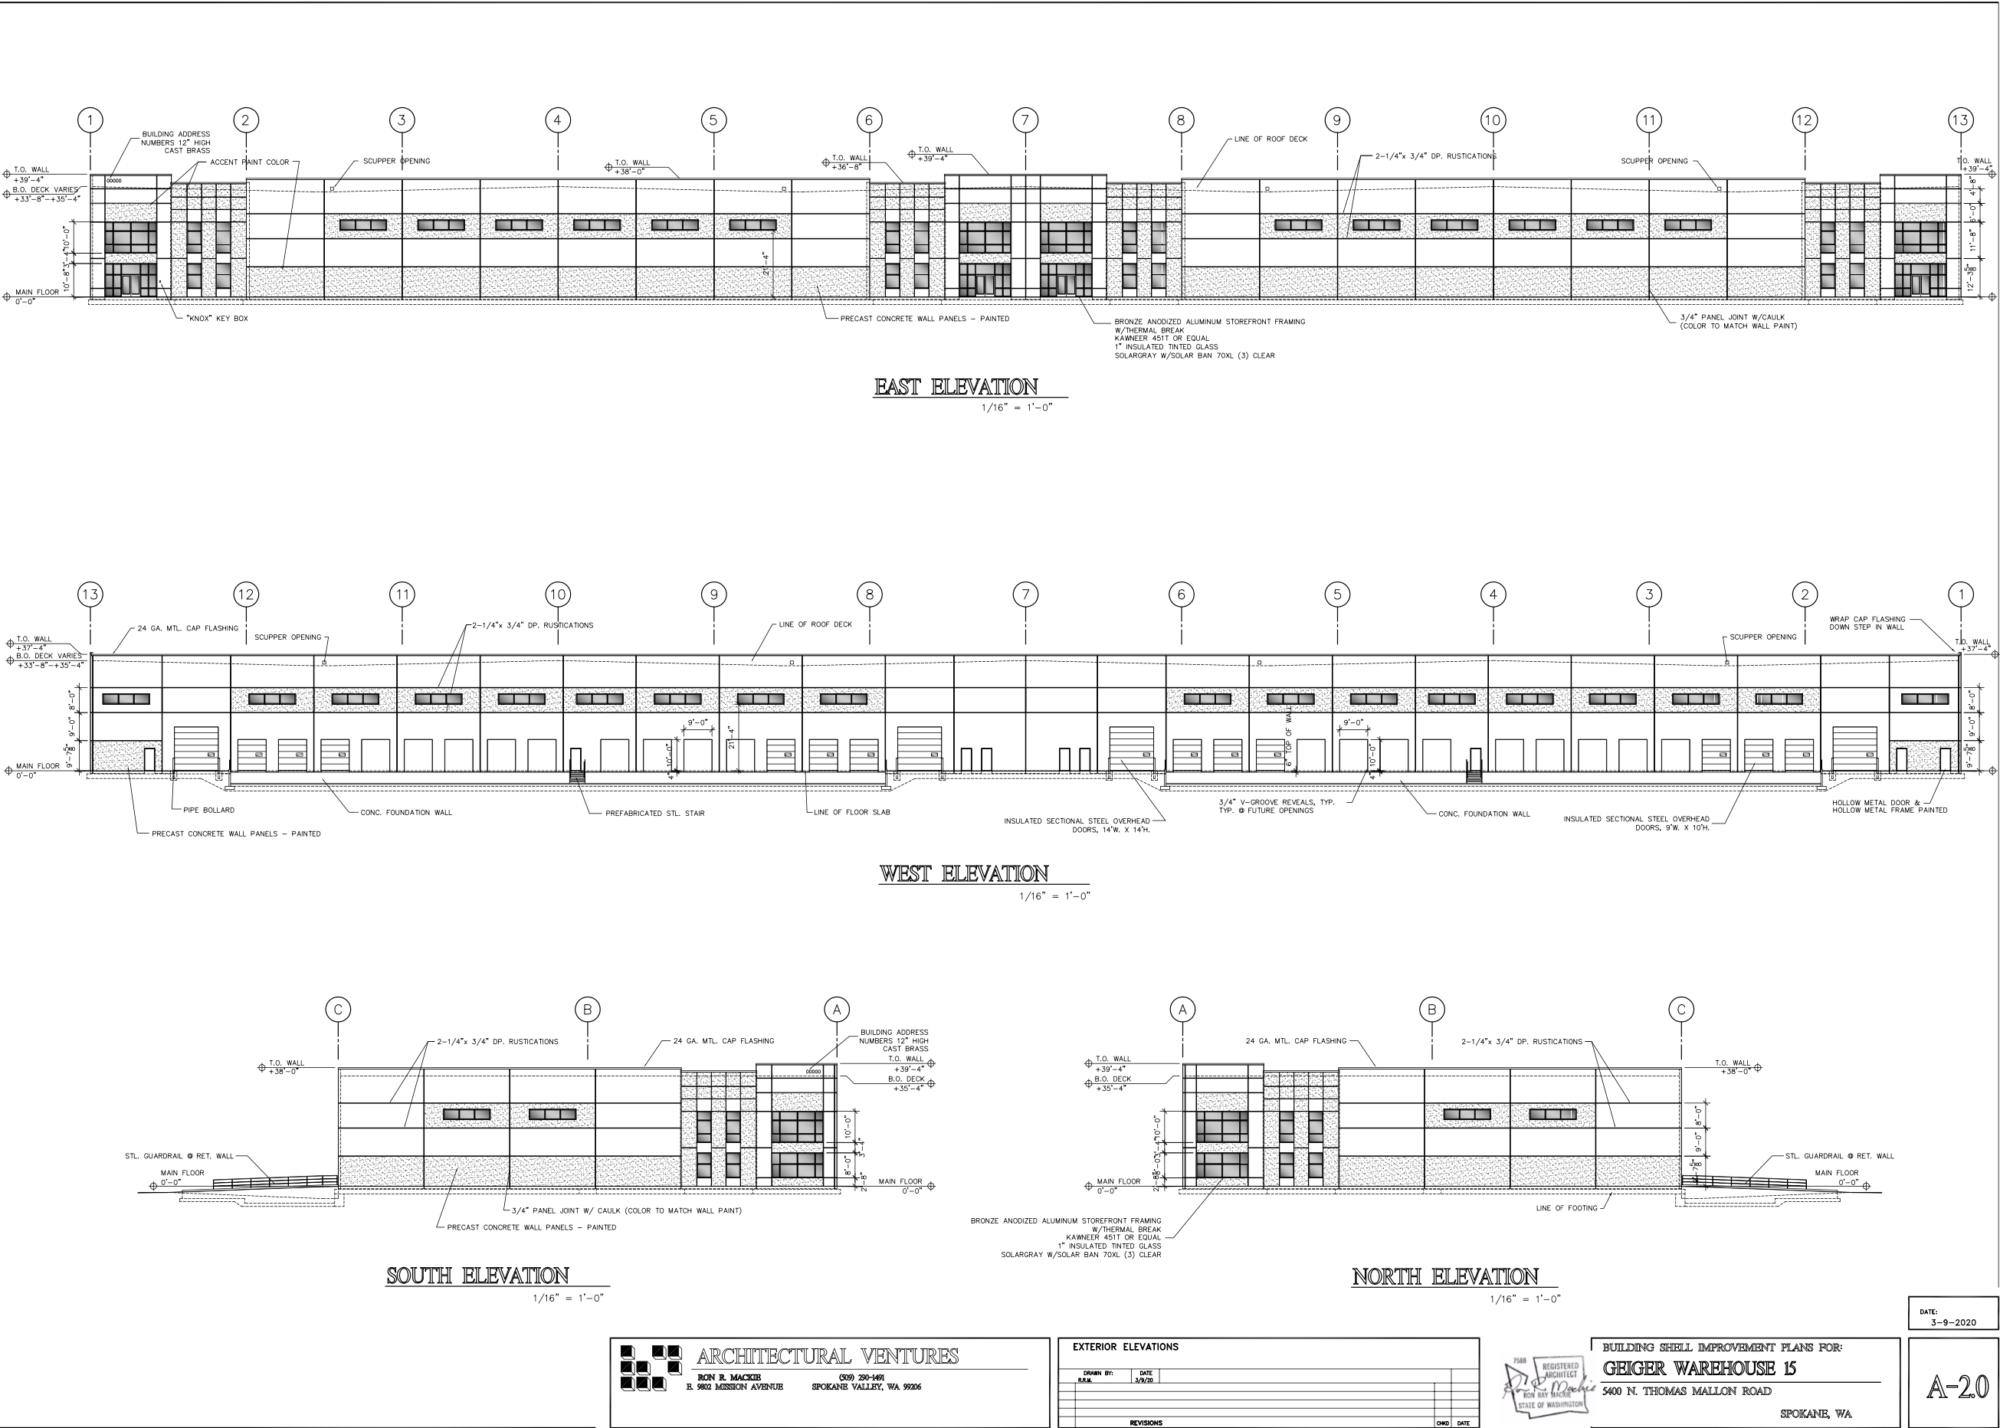 Building 15 Plan Diagram